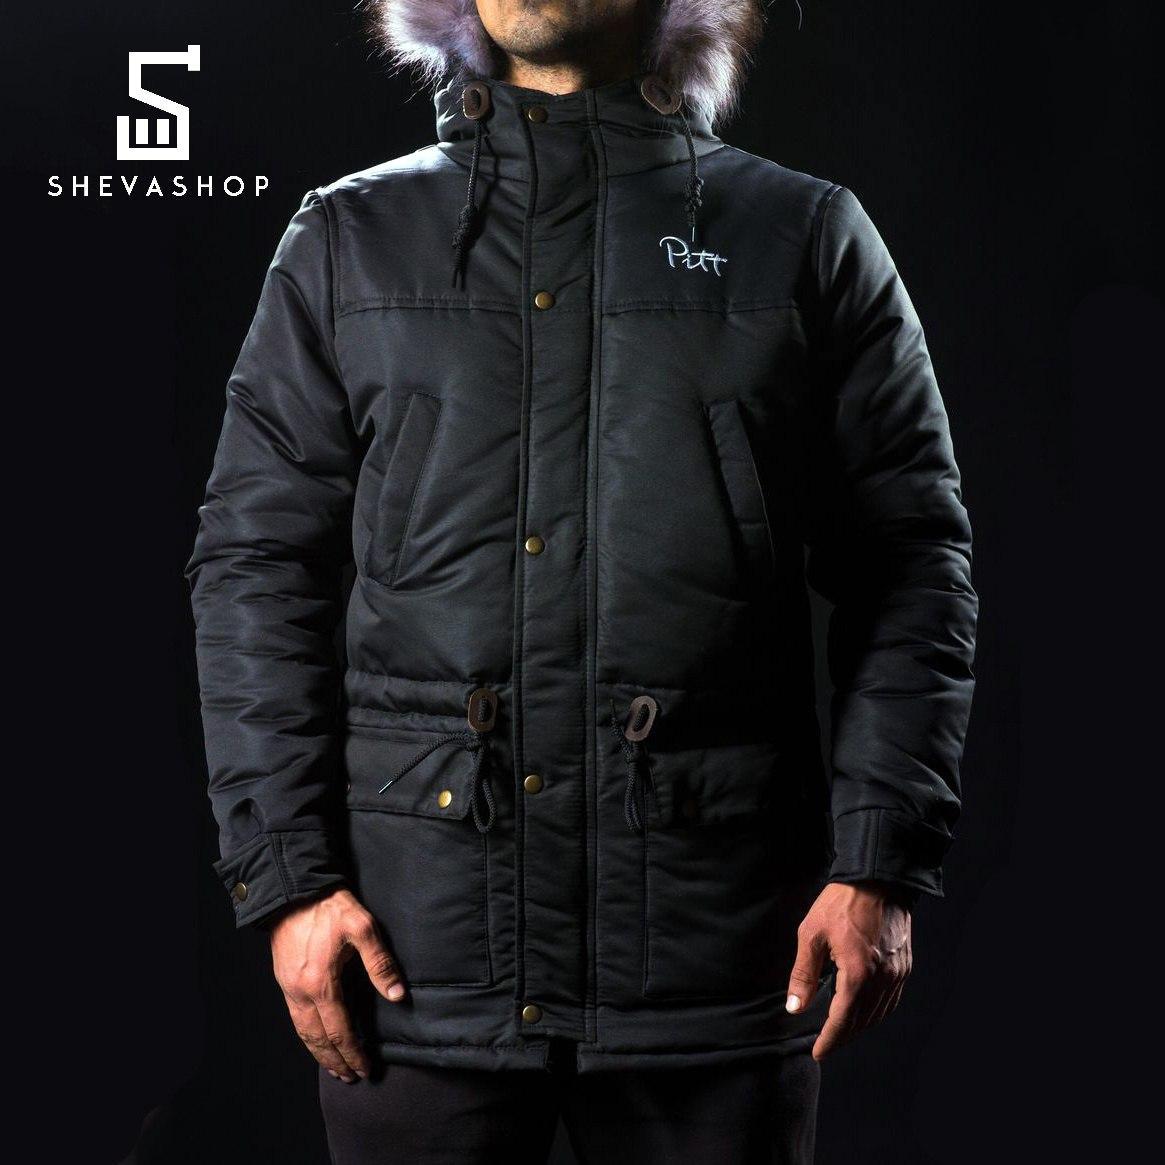 Зимняя мужская куртка Pitt 2016 чёрная